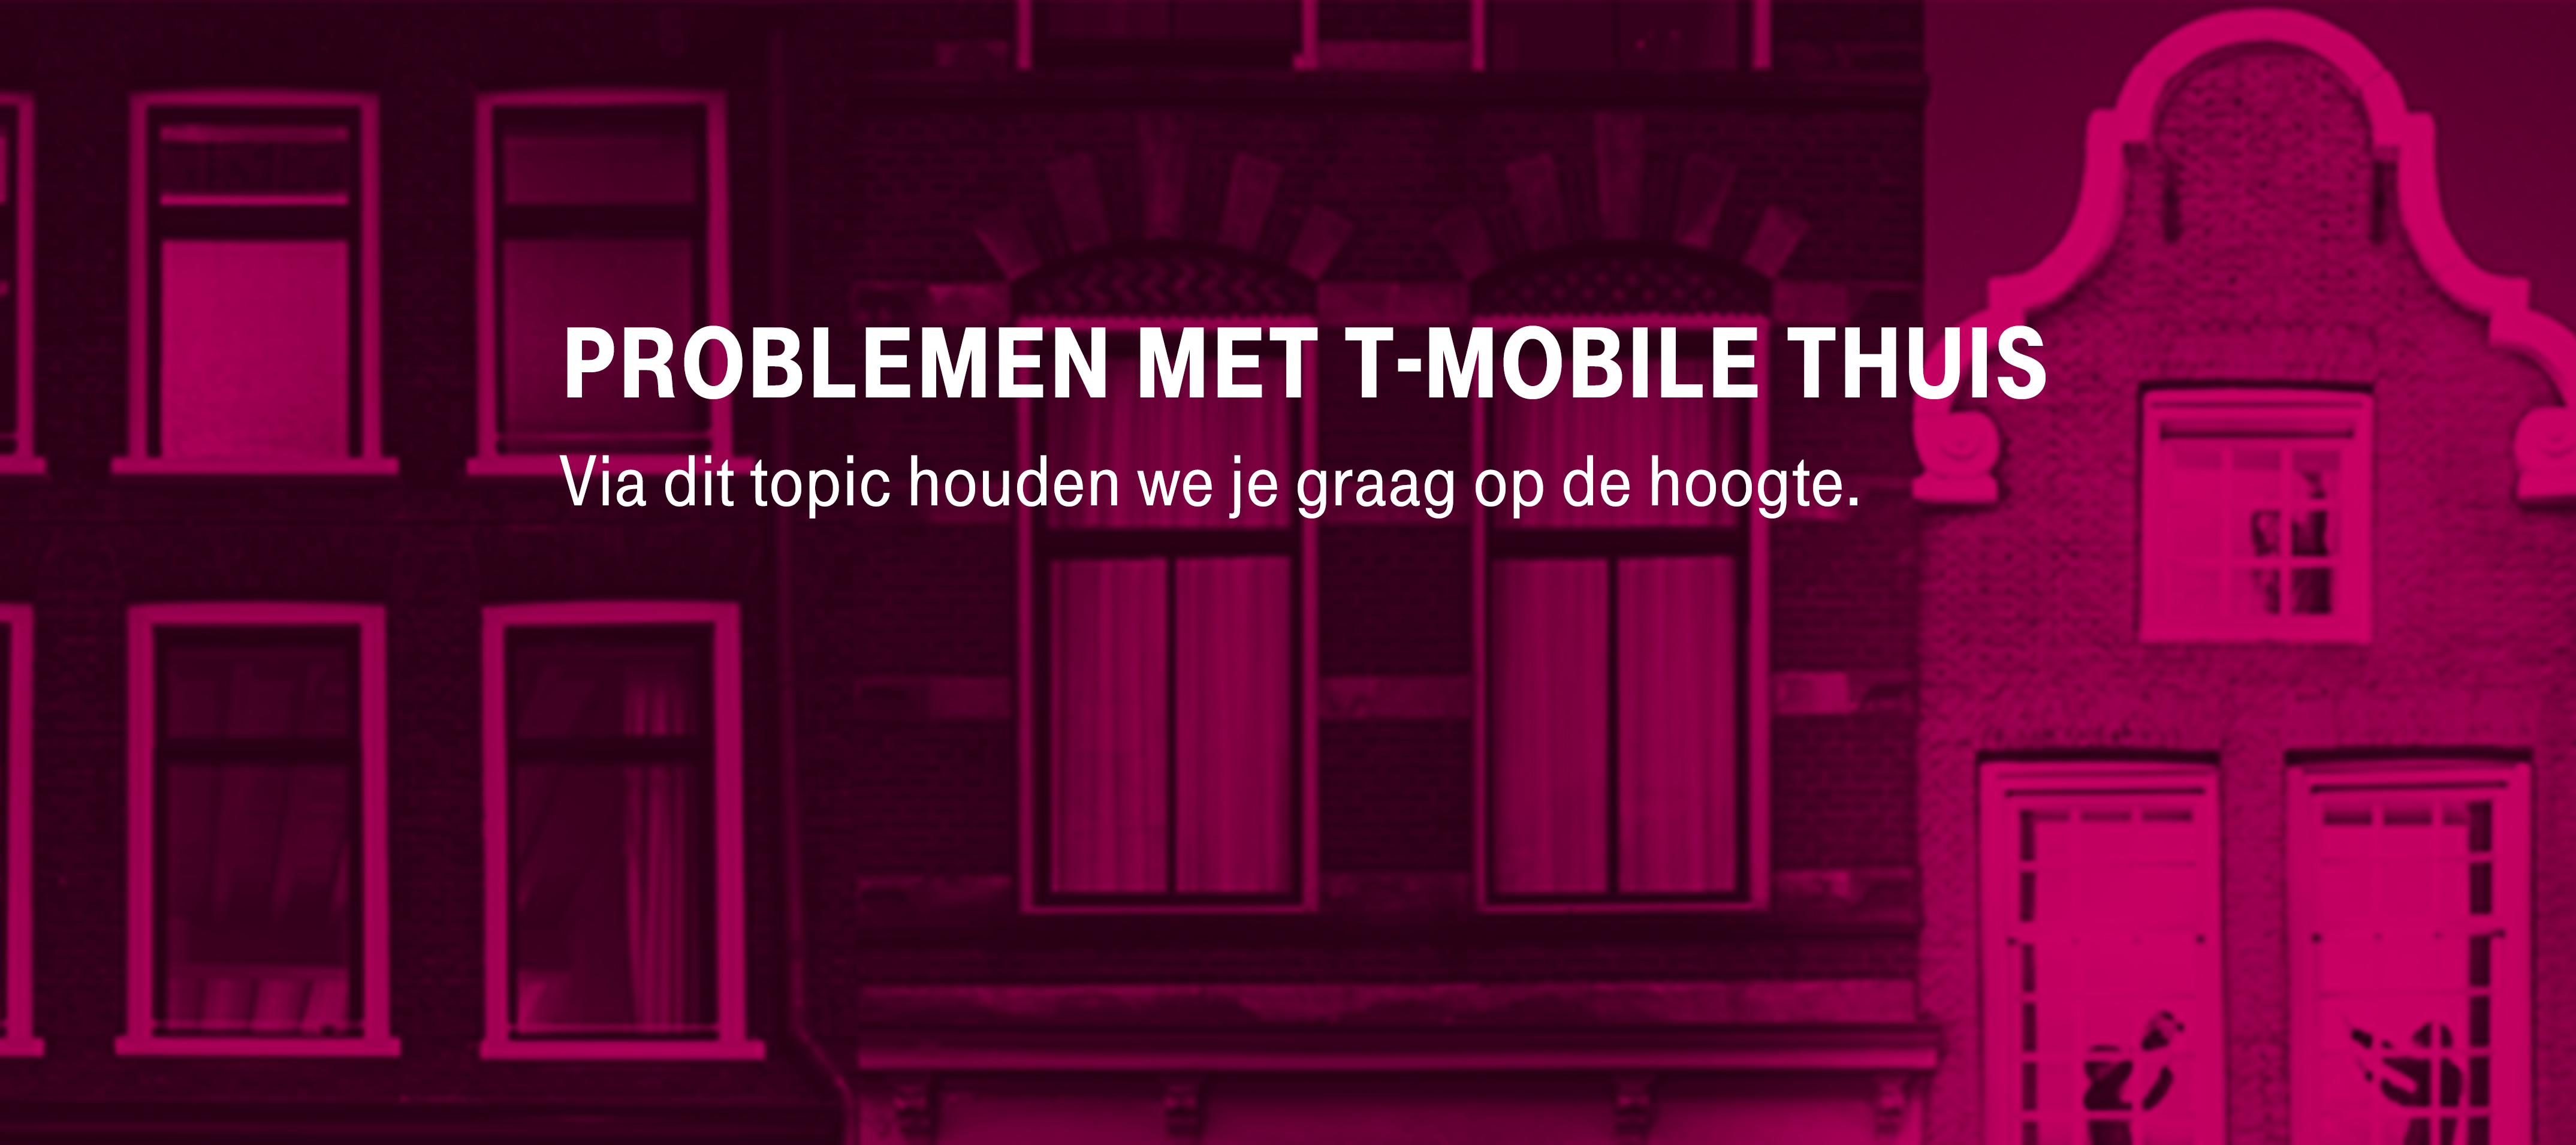 [Opgelost] Problemen met Internet T-Mobile Thuis 9-9-2020